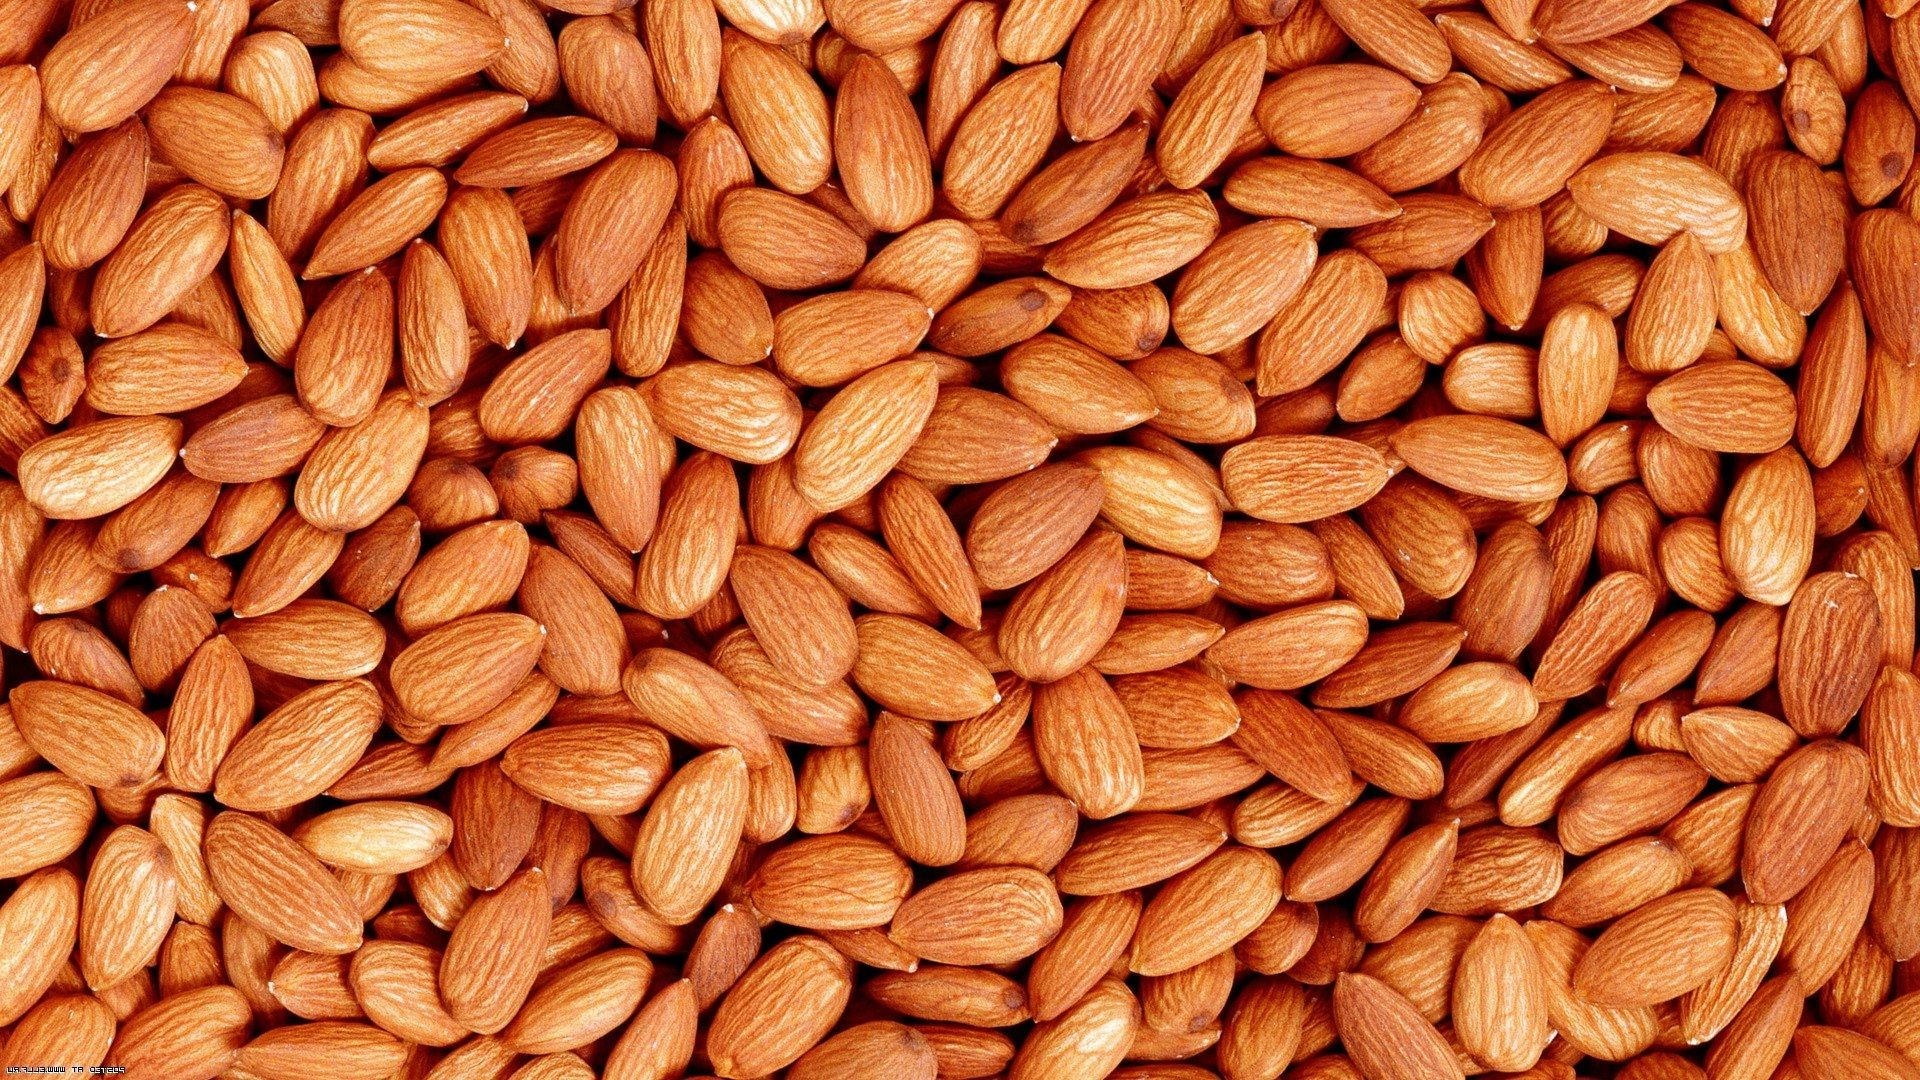 Peanuts, Almond nut, Cashew Nuts